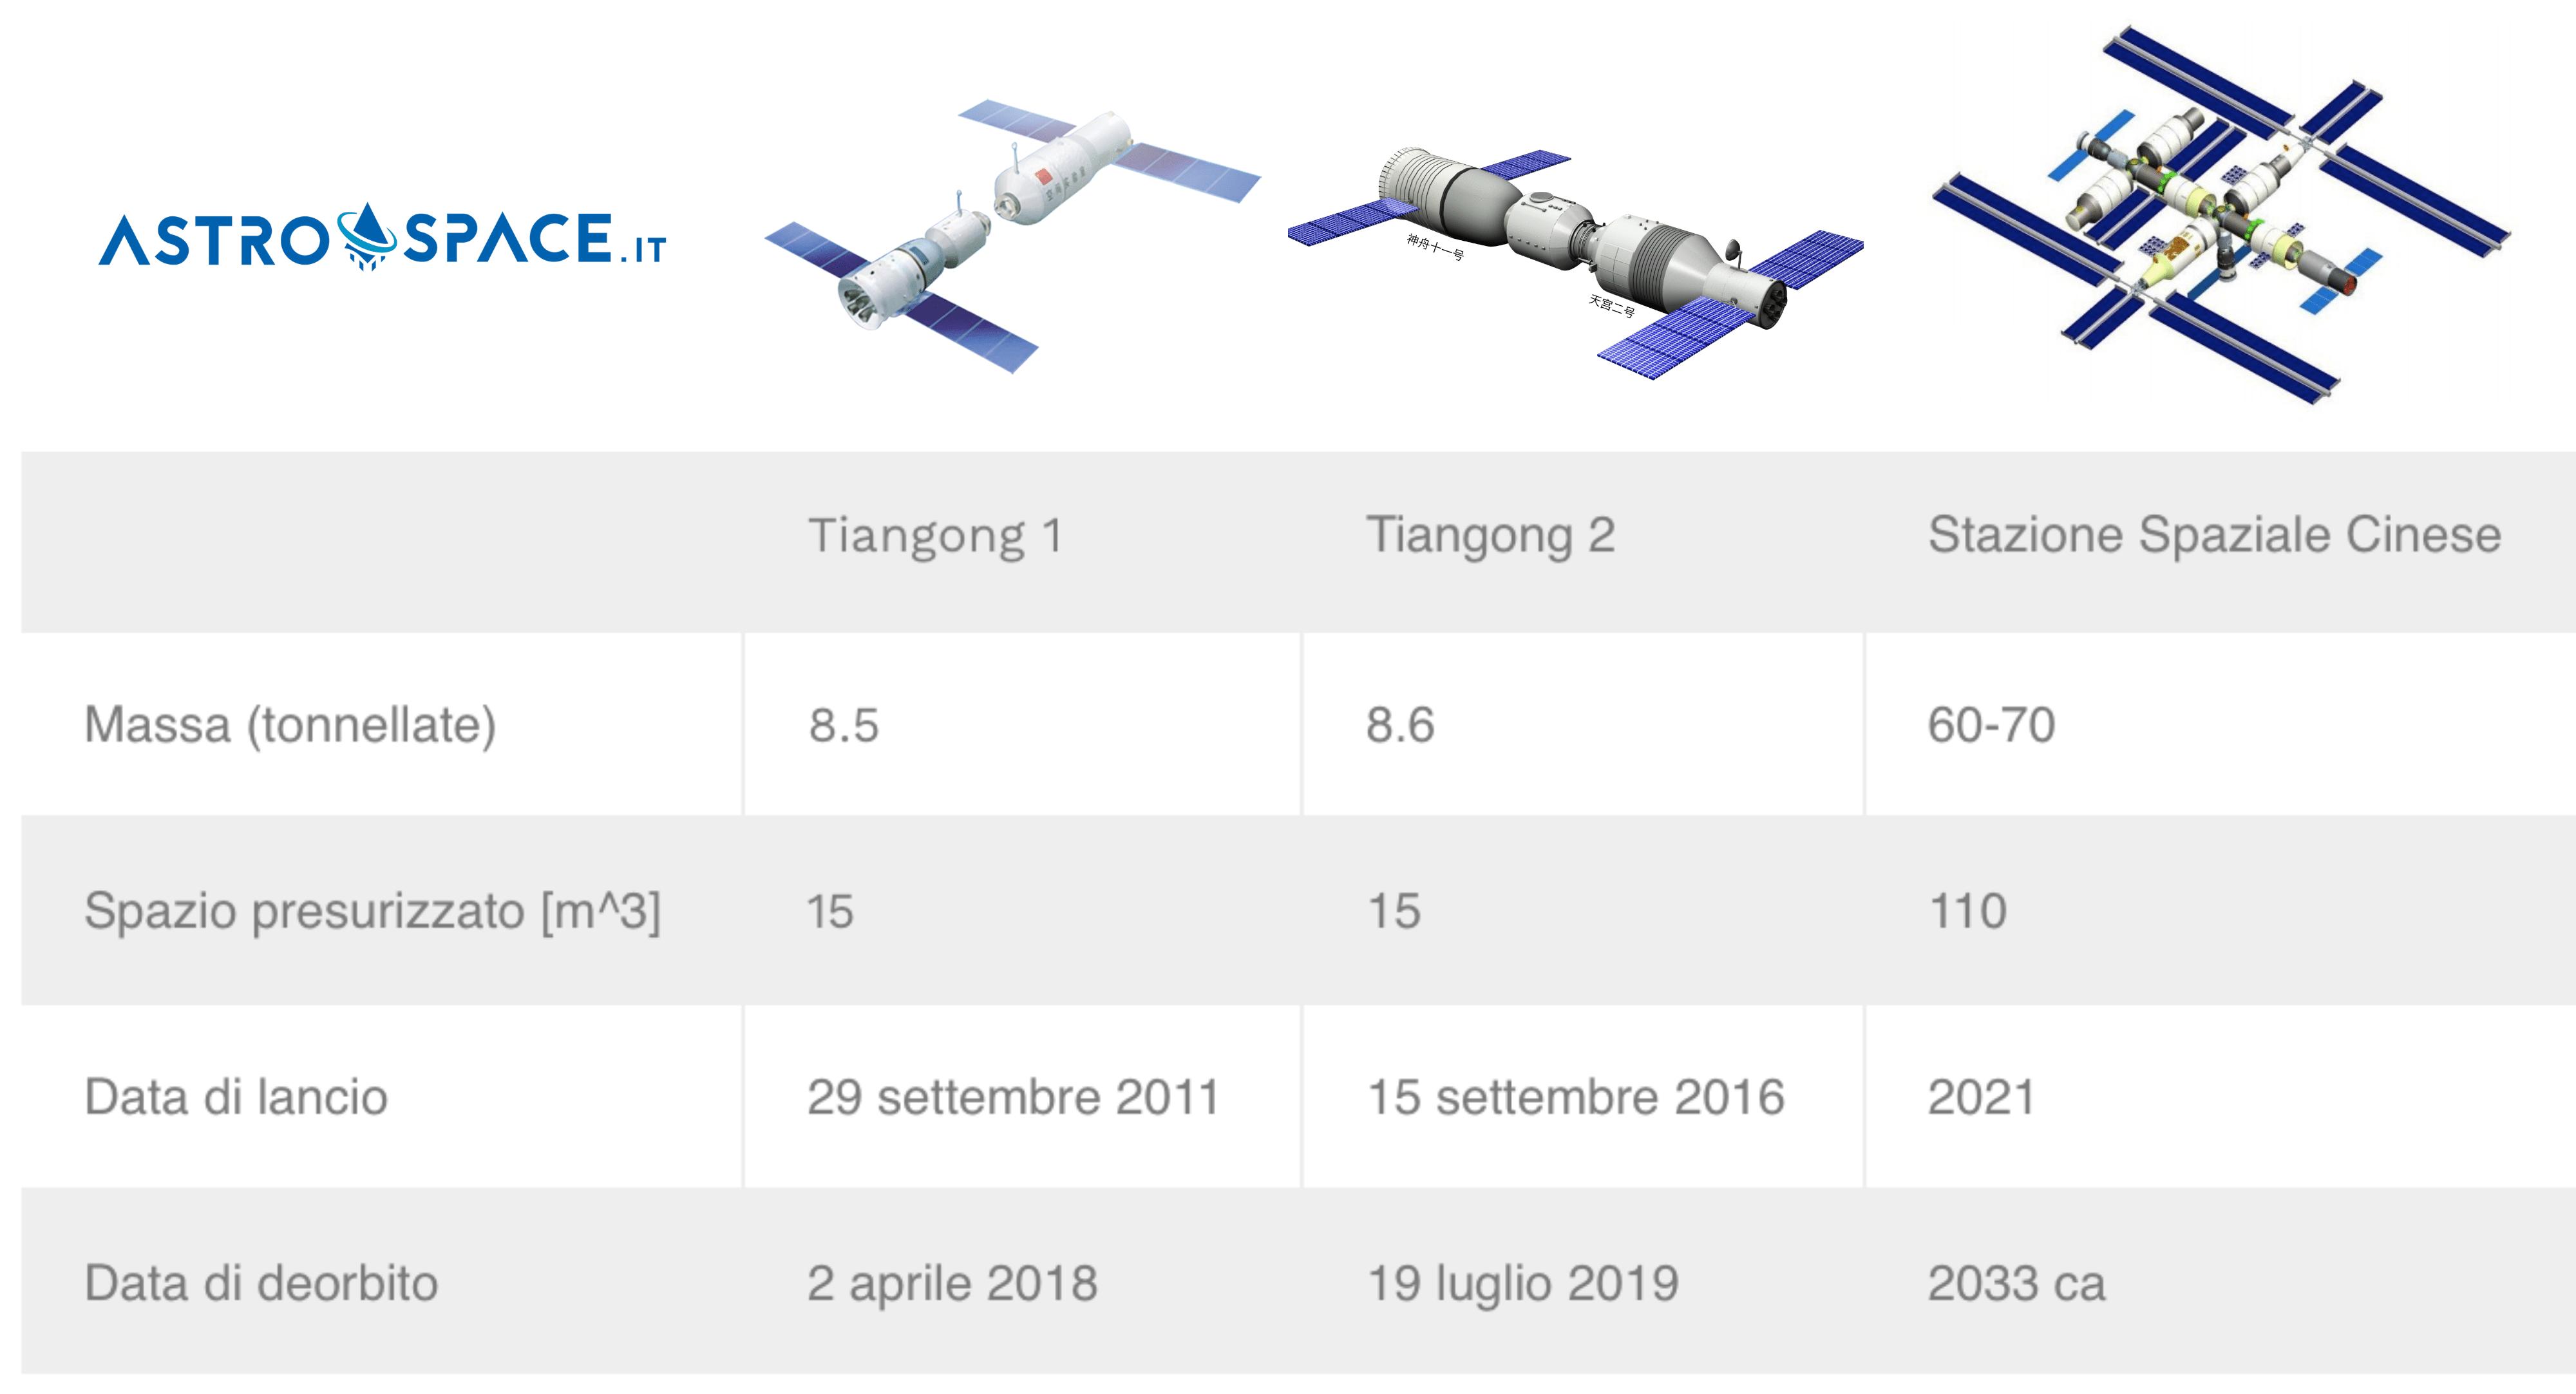 Confronto fra le due precedenti stazioni spaziali cinesi, le Tiangong 1 e 2. Entrambe le stazioni sono composte da un solo modulo e attraccate alla capsula Shenzhou. Confronto realizzato da Astrospace.it